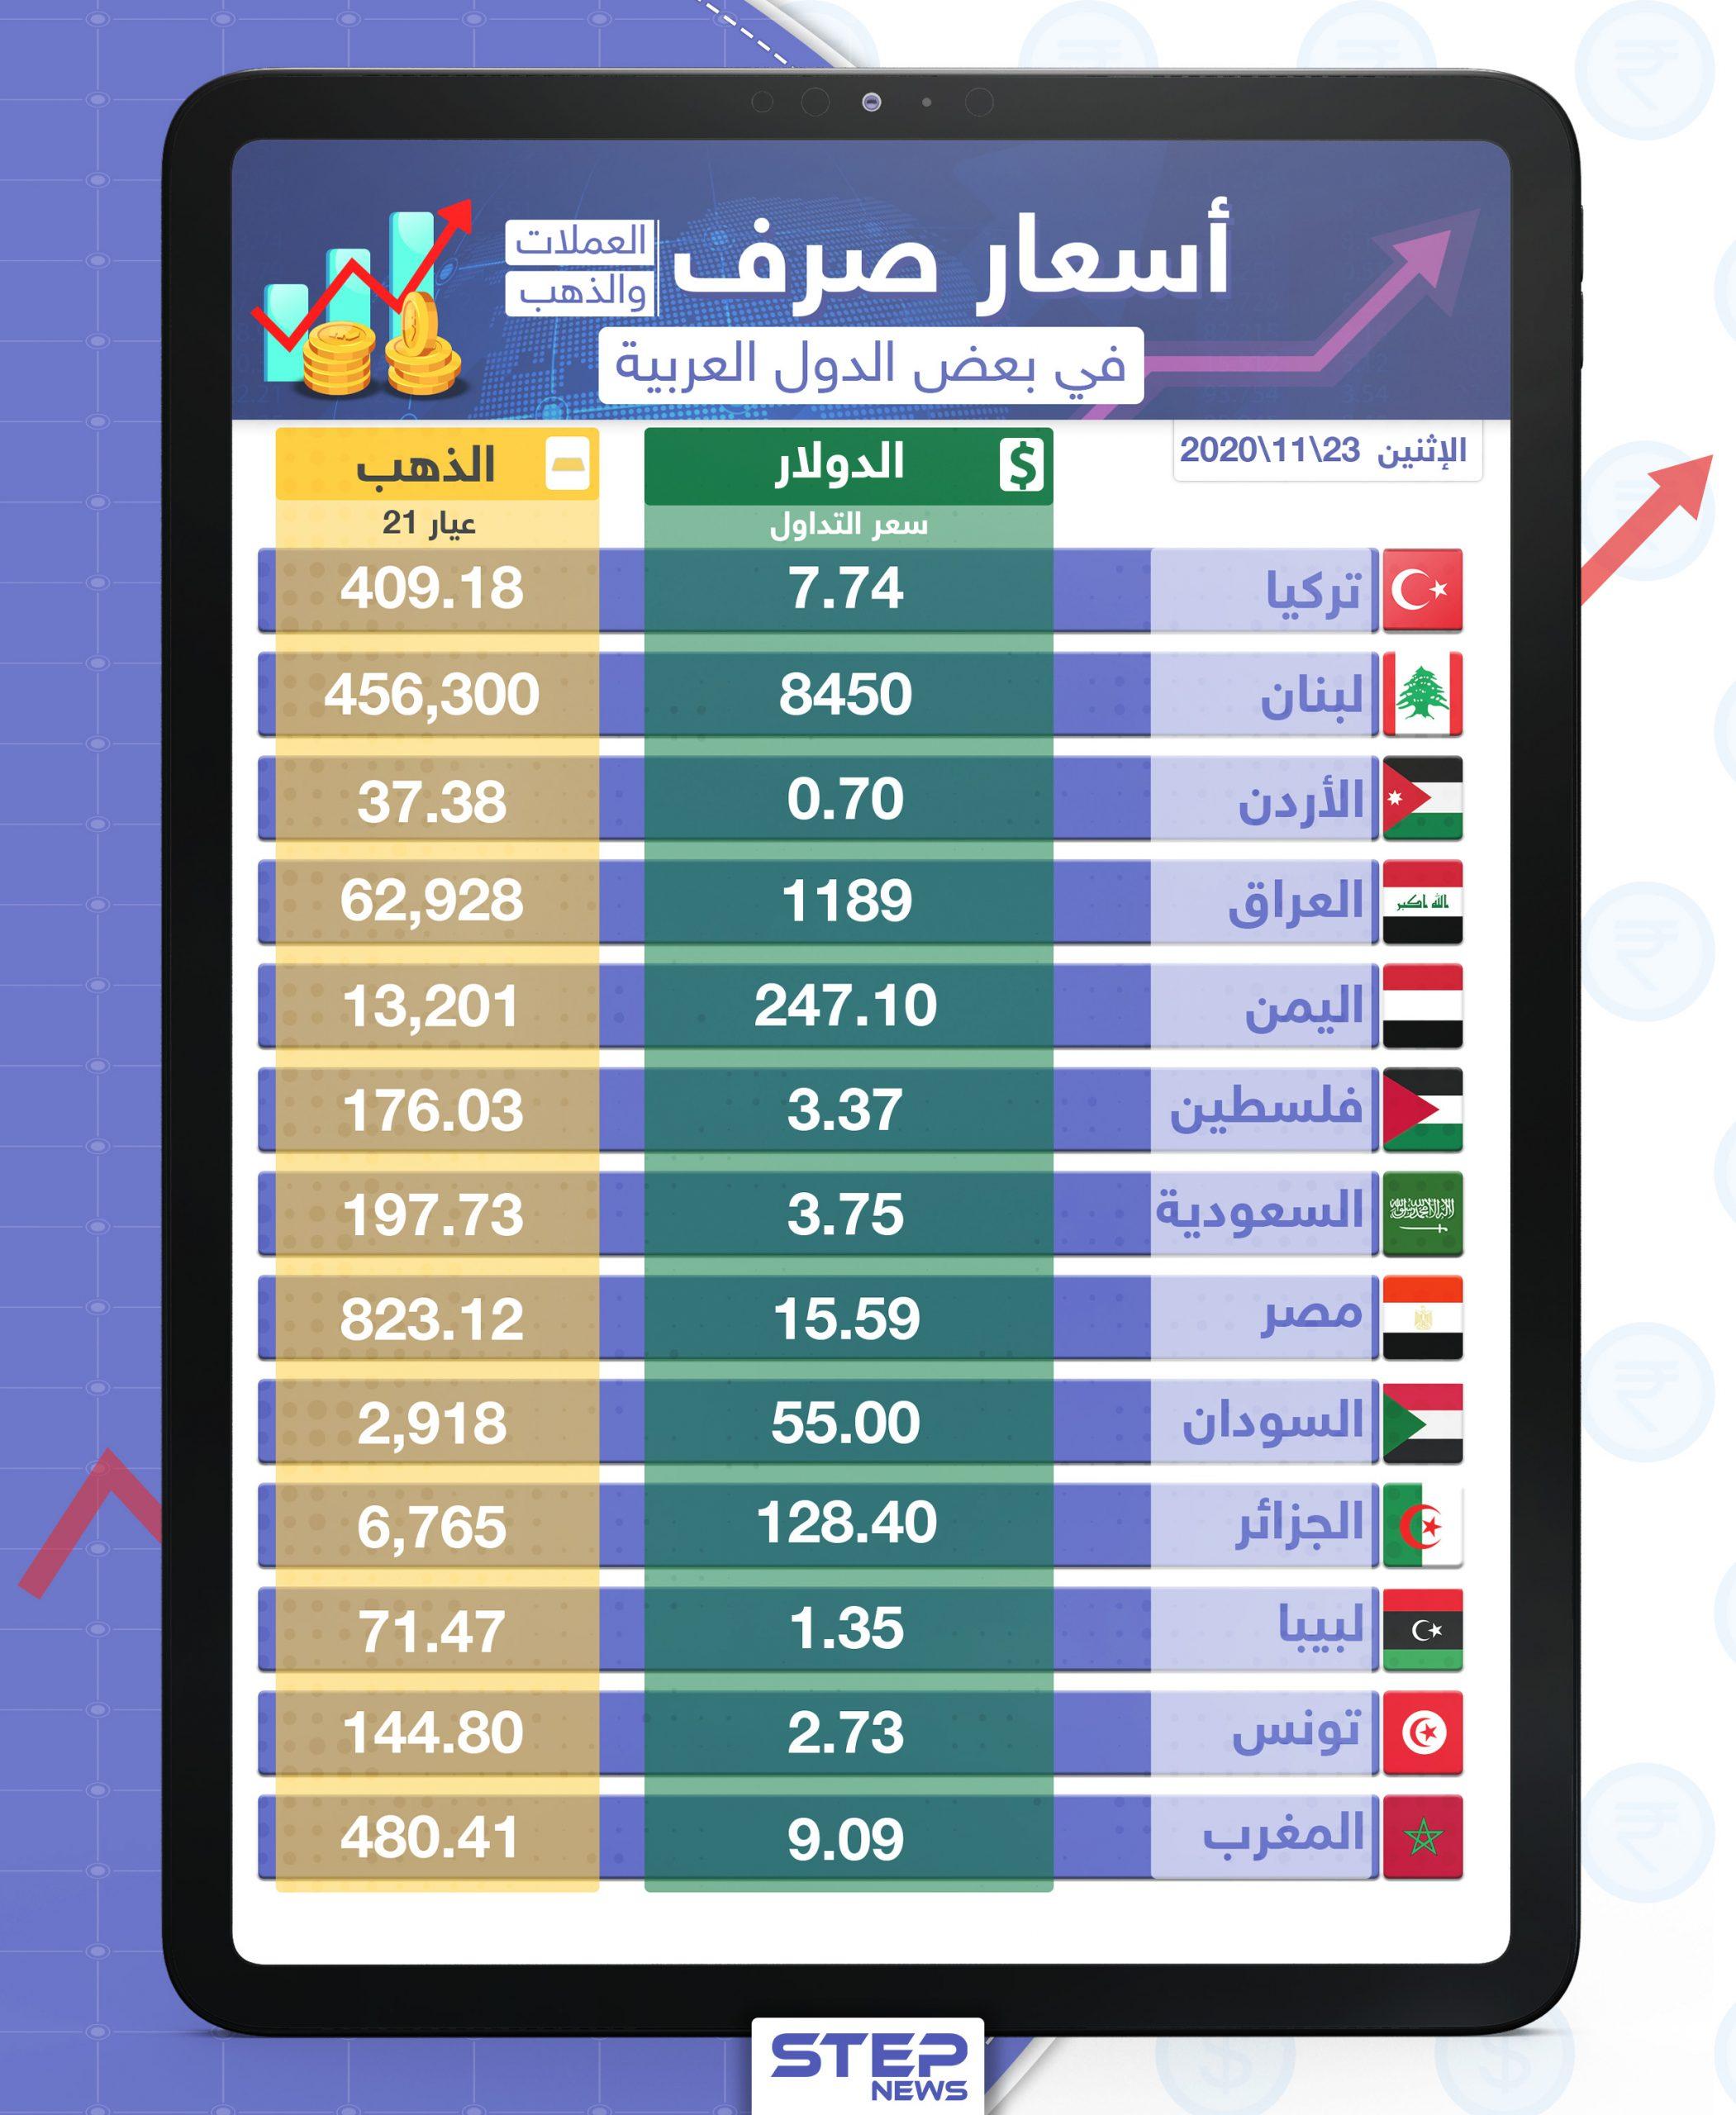 أسعار الذهب والعملات للدول العربية وتركيا اليوم الاثنين الموافق 23 تشرين الثاني 2020